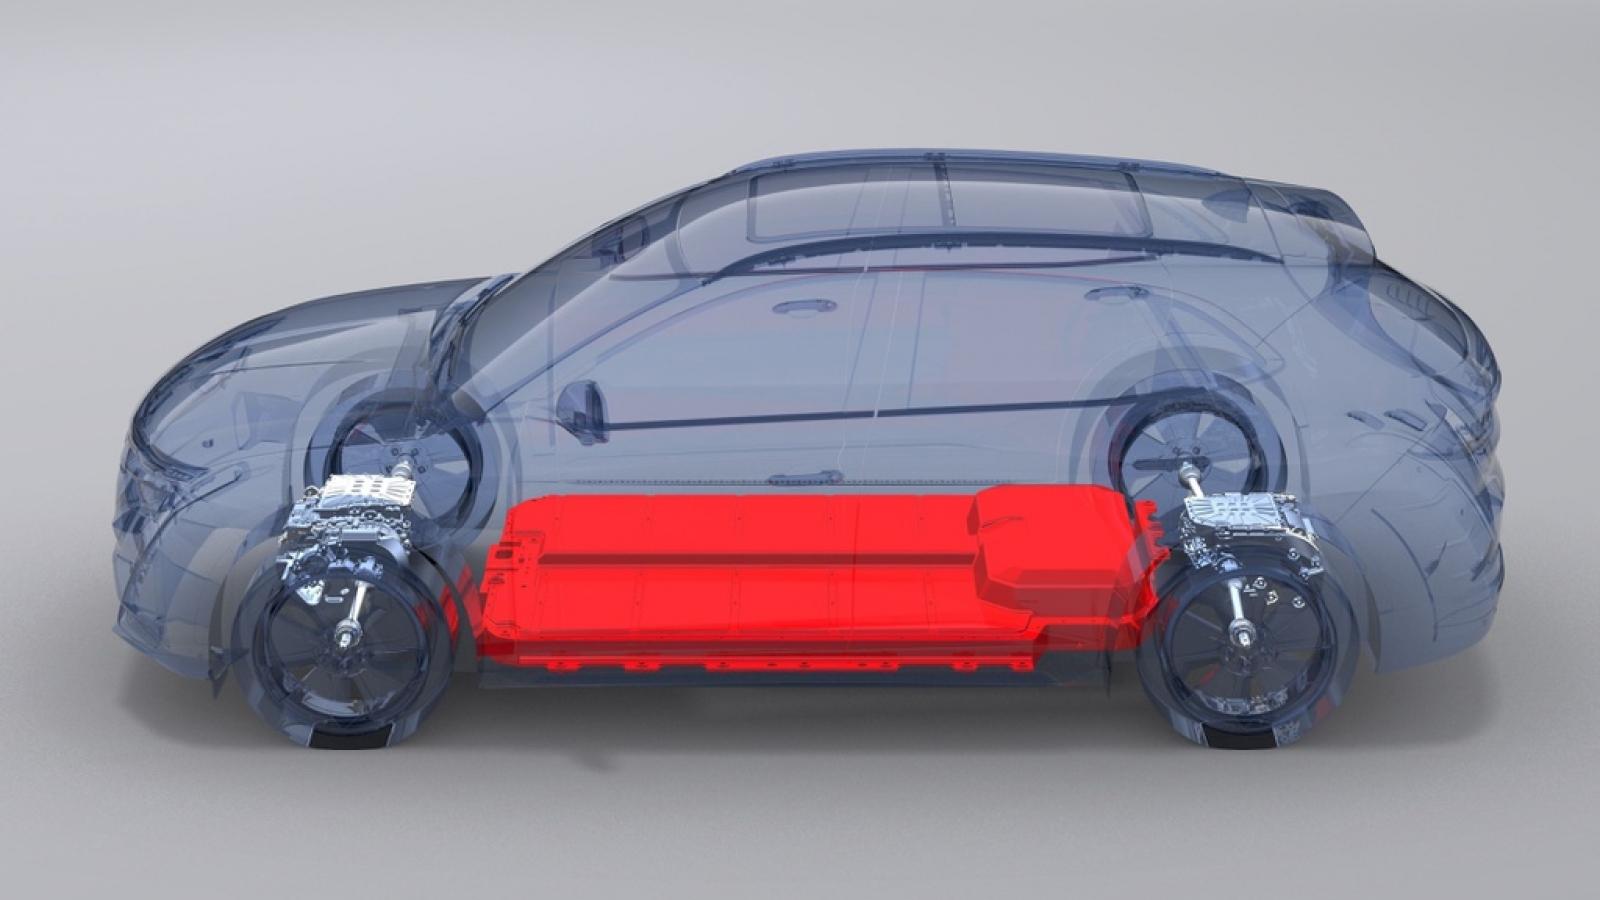 Chuyên gia: Thuê pin ô tô điện giống như thuê bao di động hàng tháng